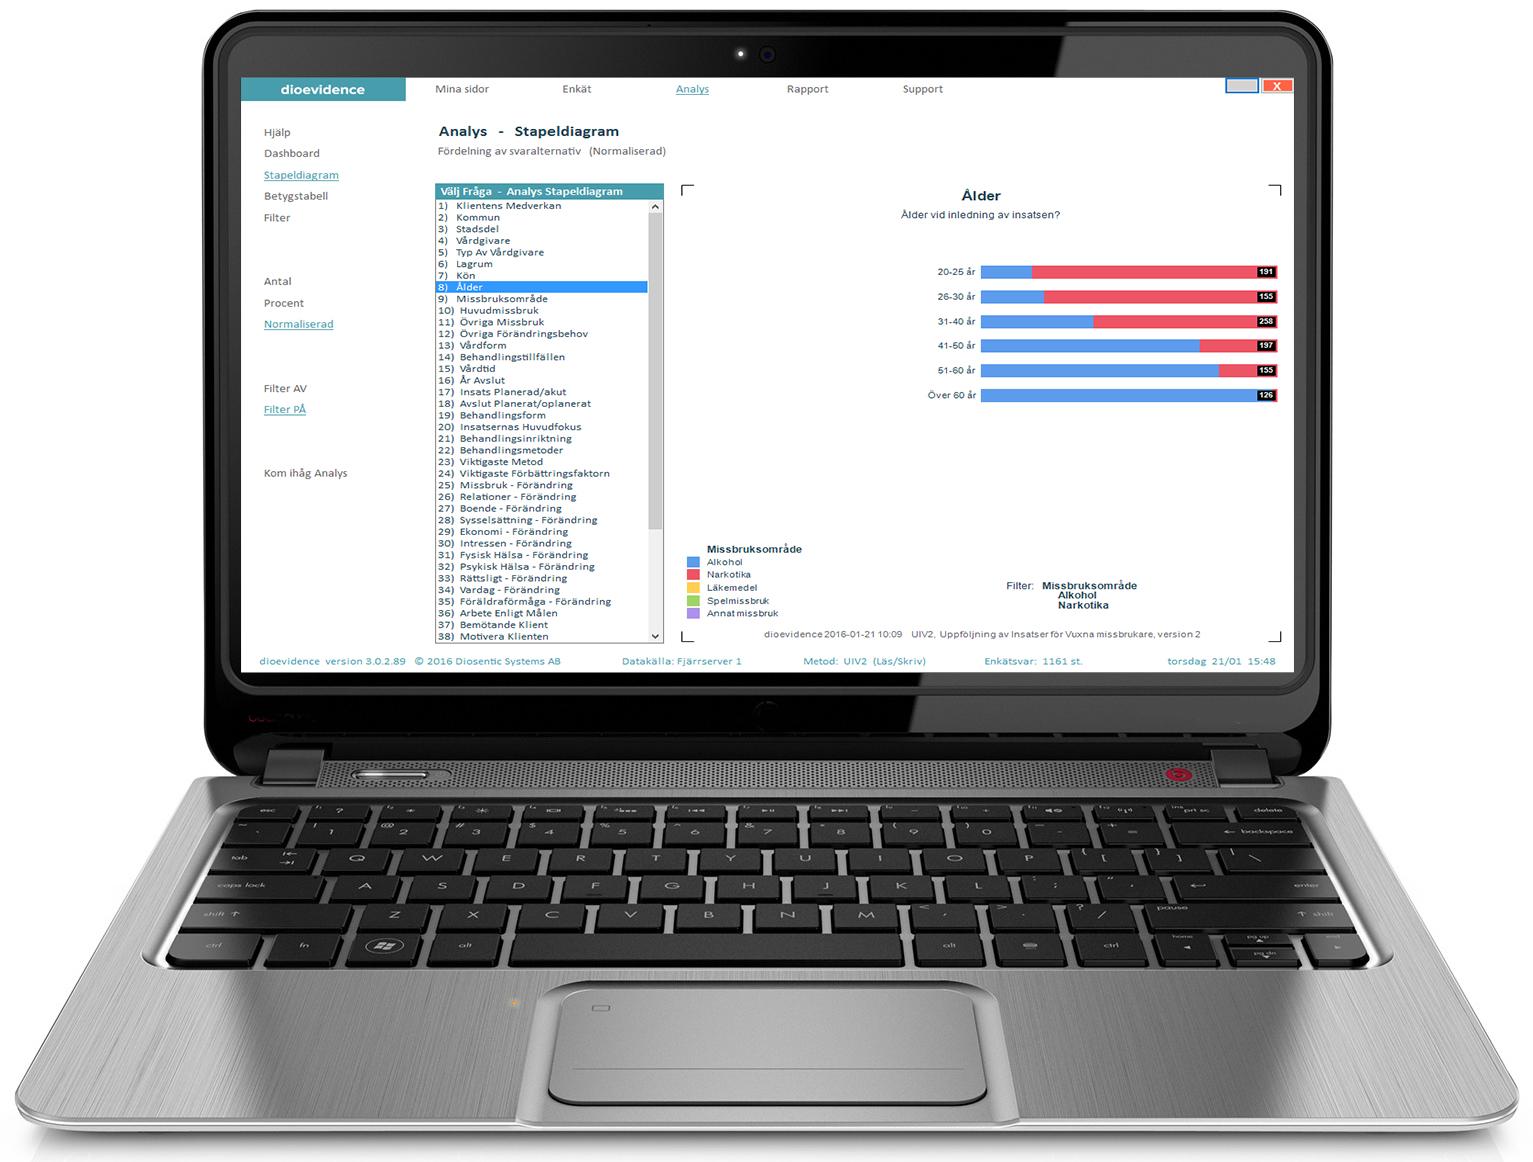 pc laptop analys dioevidence systematisk uppföljning och kvalitetsutveckling av brukarupplevd kvalitet